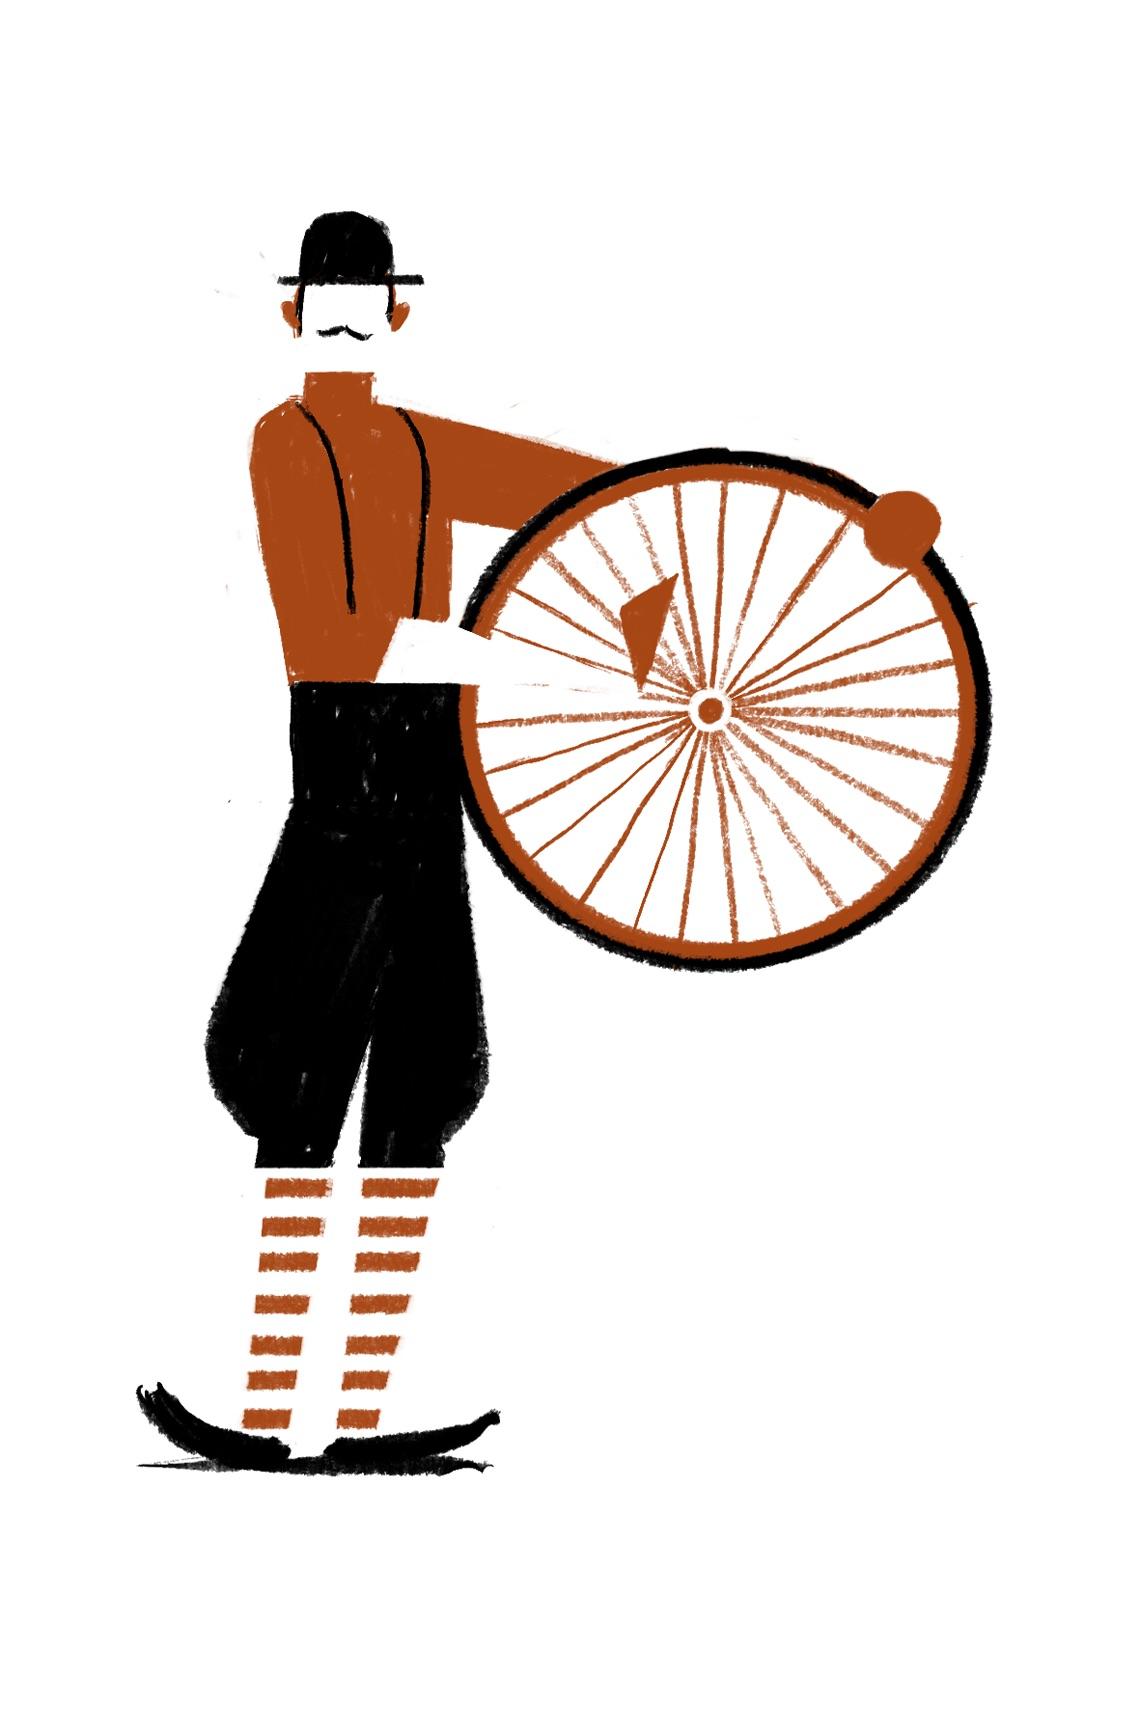 Otto Racconti in Bicicletta Riccardo Guasco_Capolettera P Tozzi_urbancycling_4